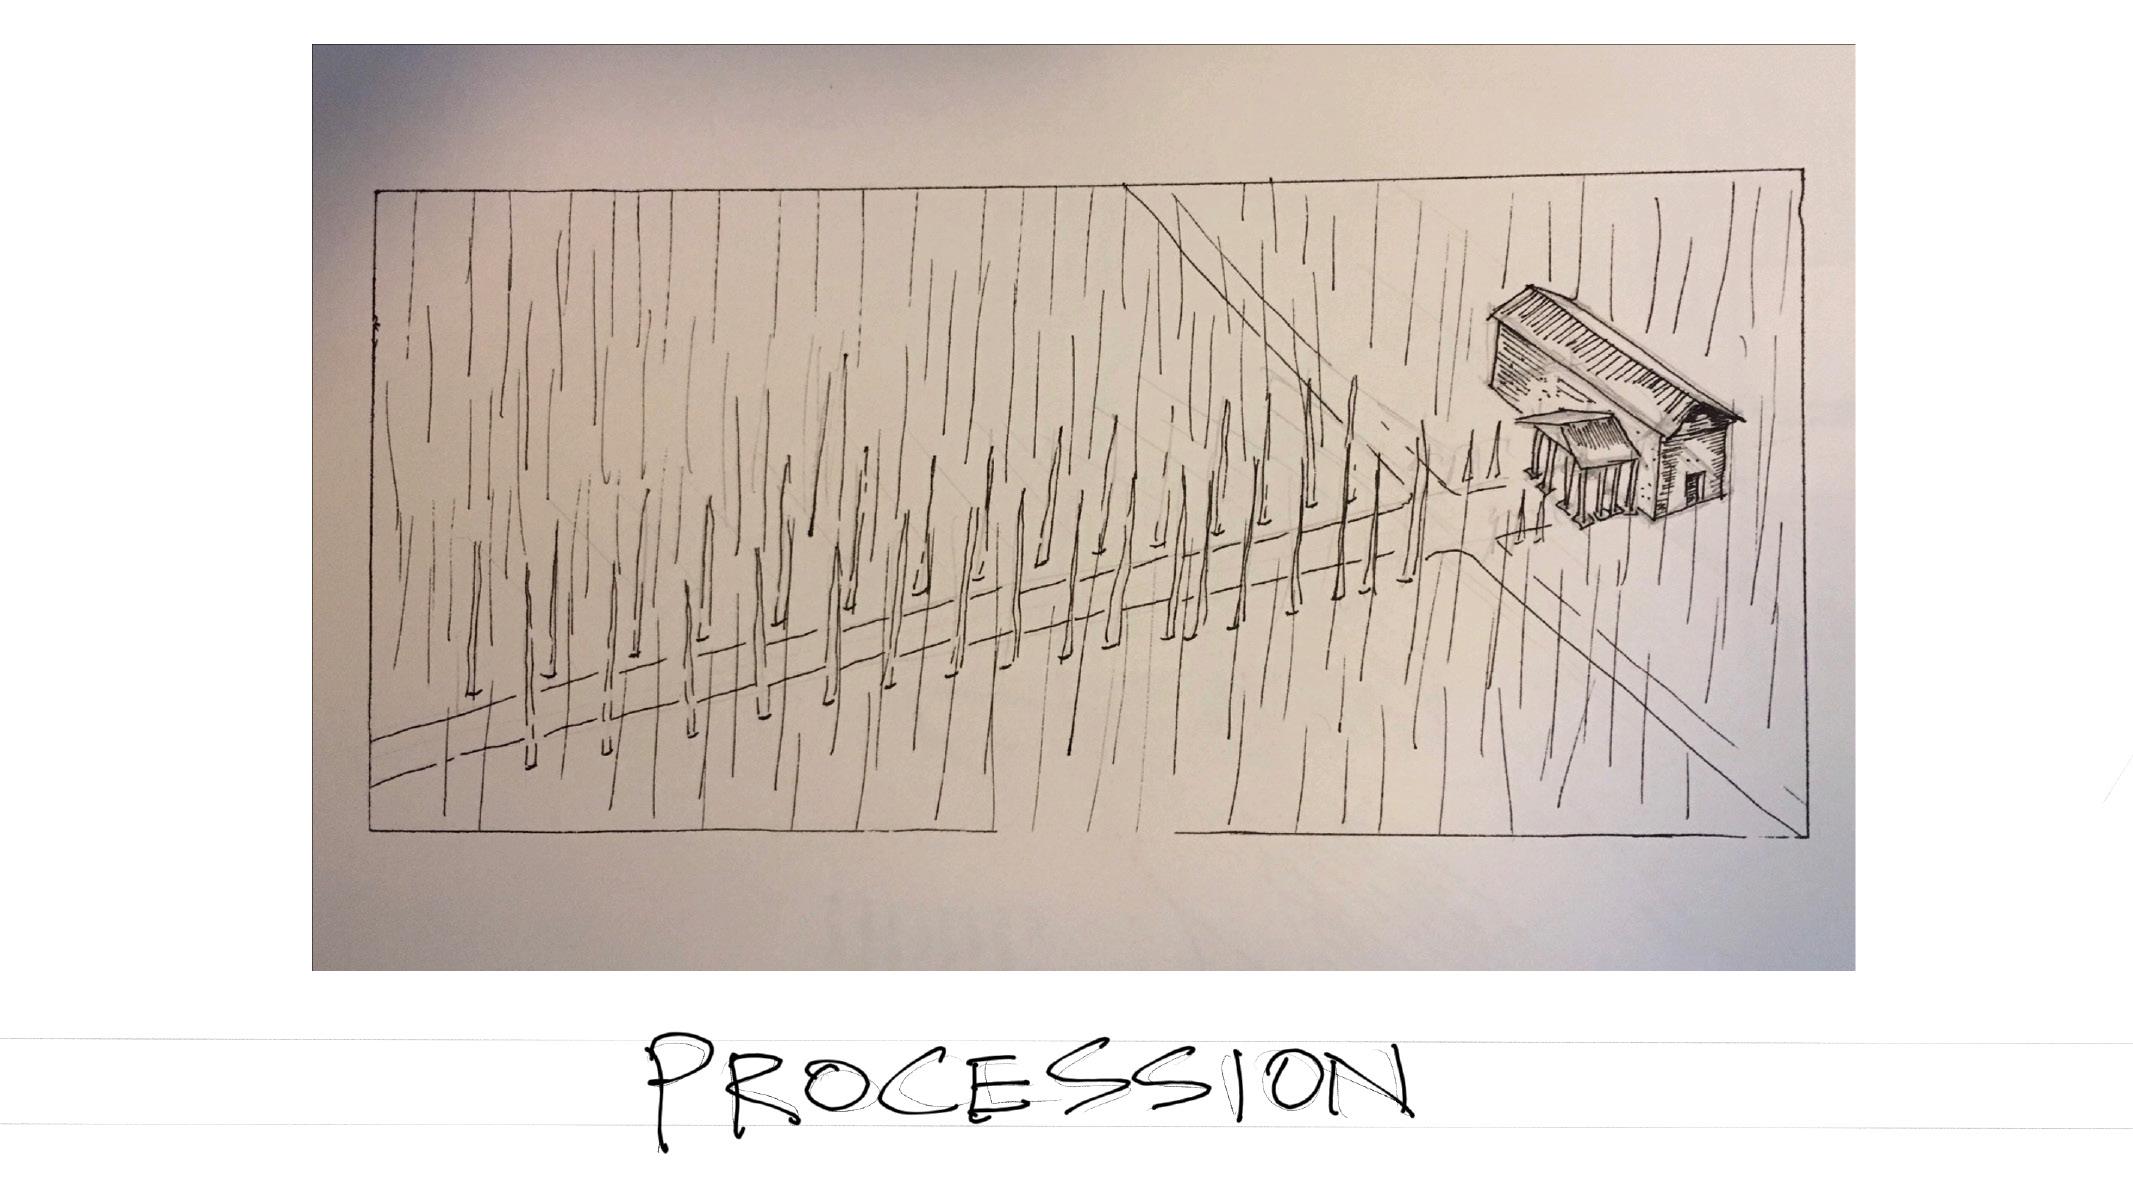 Flashcard: Procession